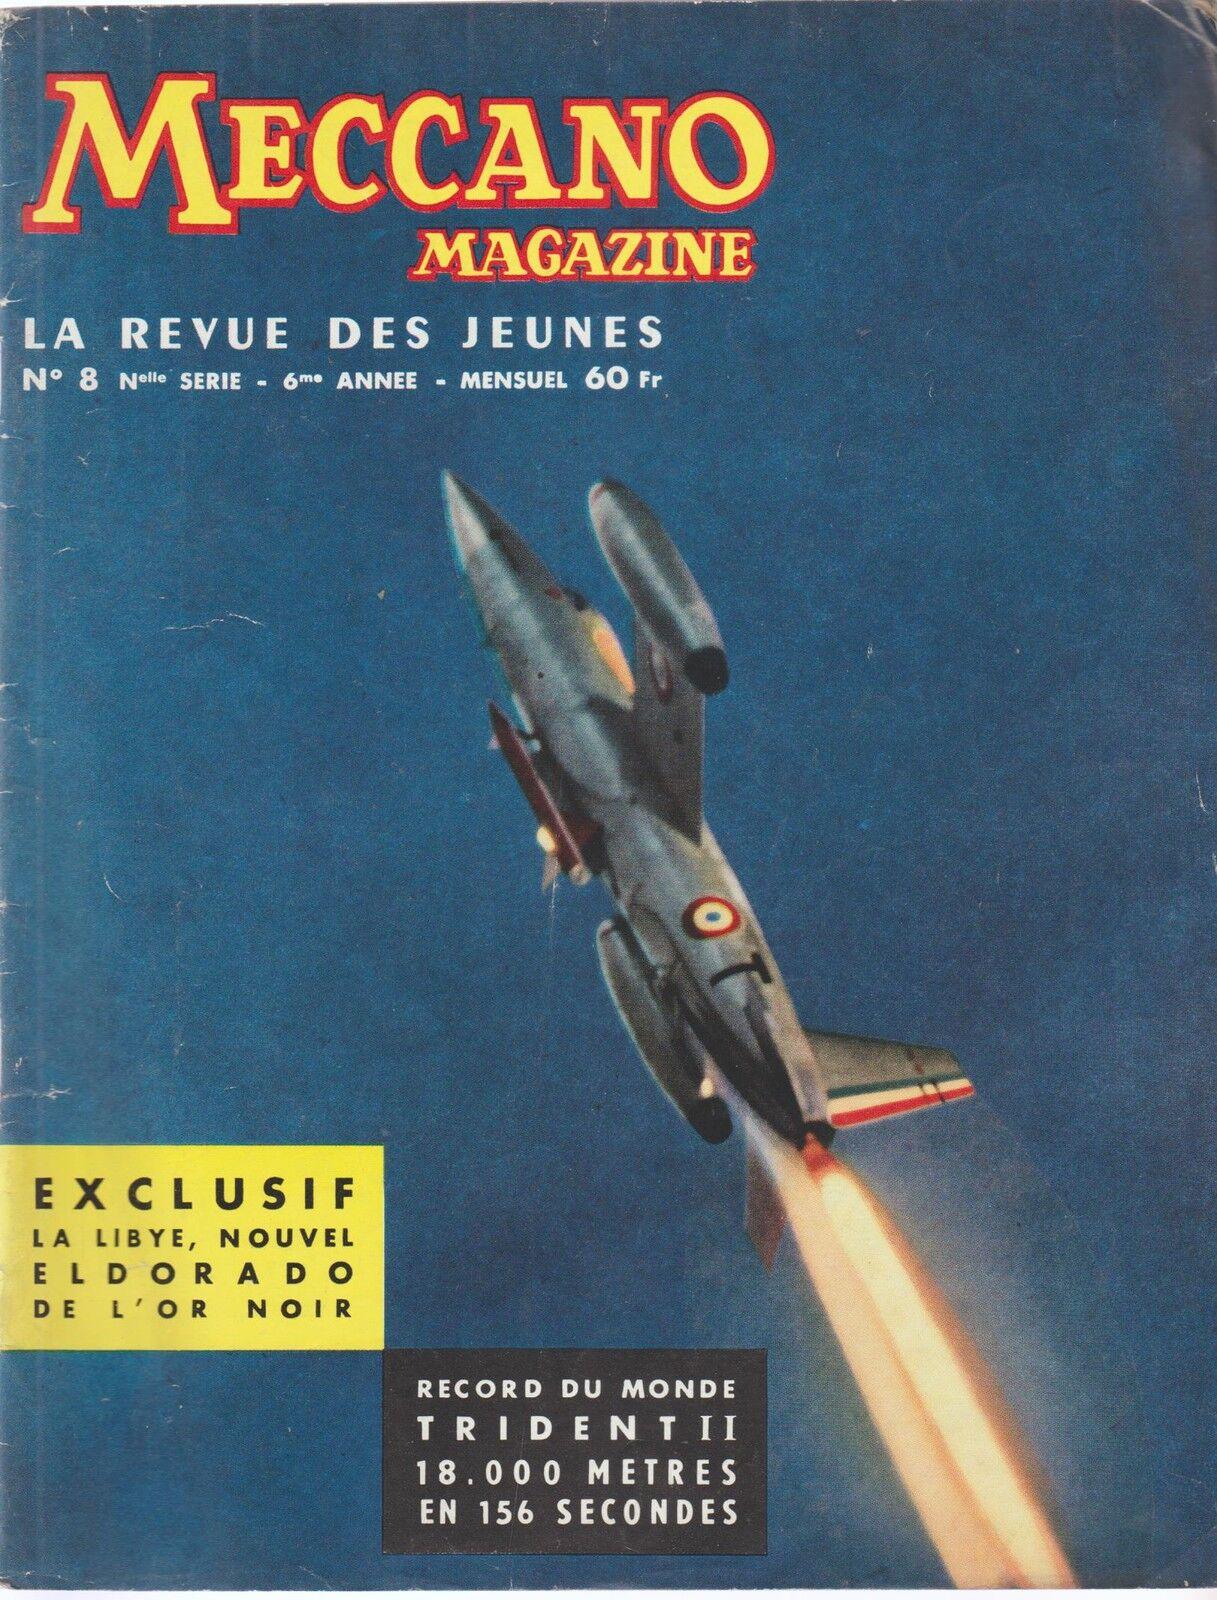 Meccano magazine, n°8. 6ème année année année (juin 1958)  directo de fábrica